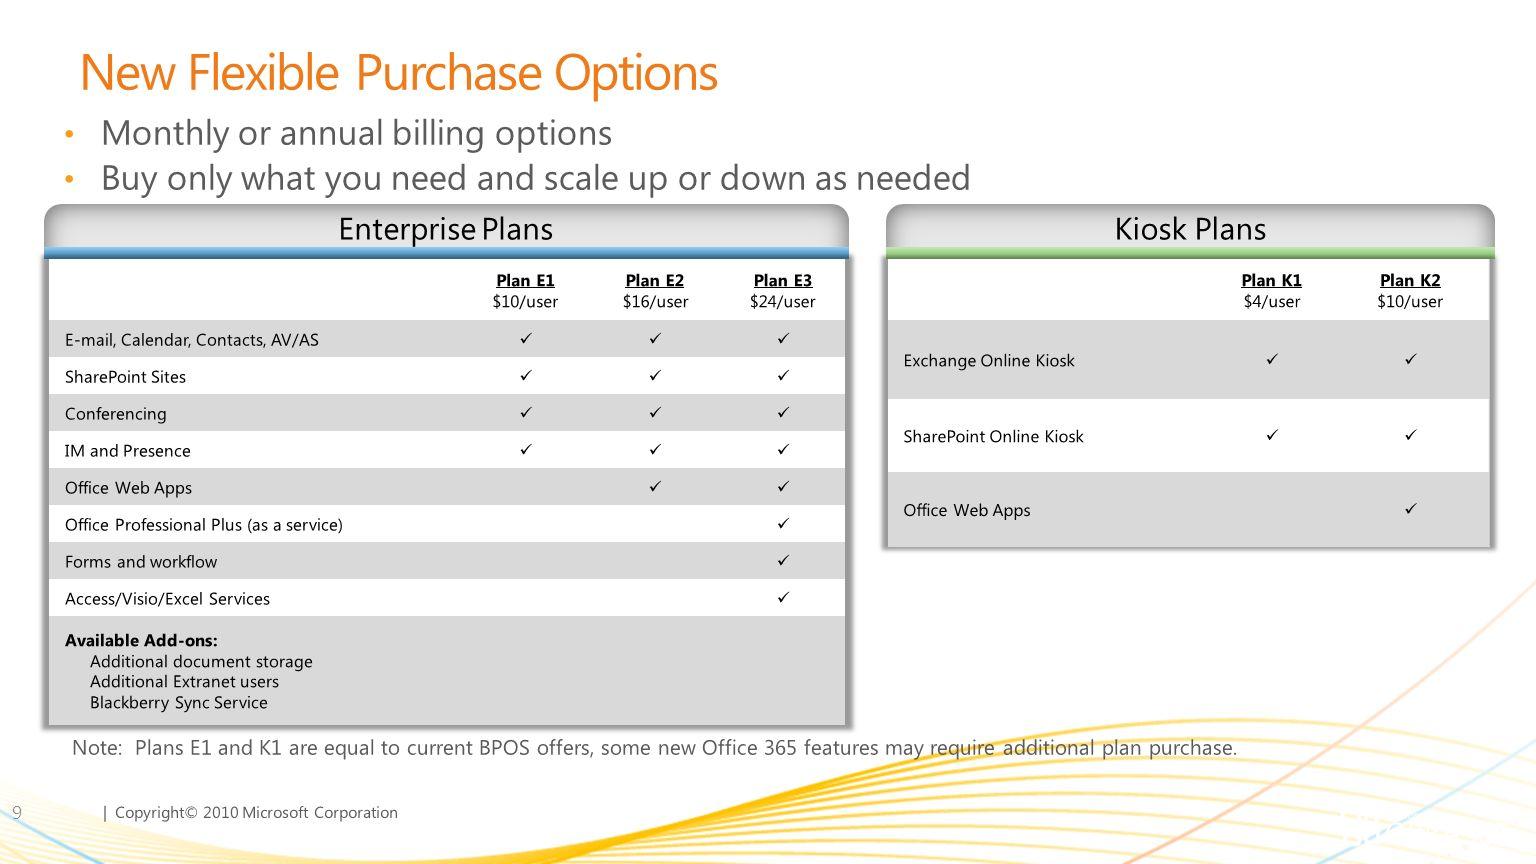   Copyright© 2010 Microsoft Corporation Kolekcje Office 365 8 Plan K1 $4/m Plan K2 $10/m Plan E1 $10/m Plan E2 $16/m Plan E3 $24/m Plan E4 $27/m